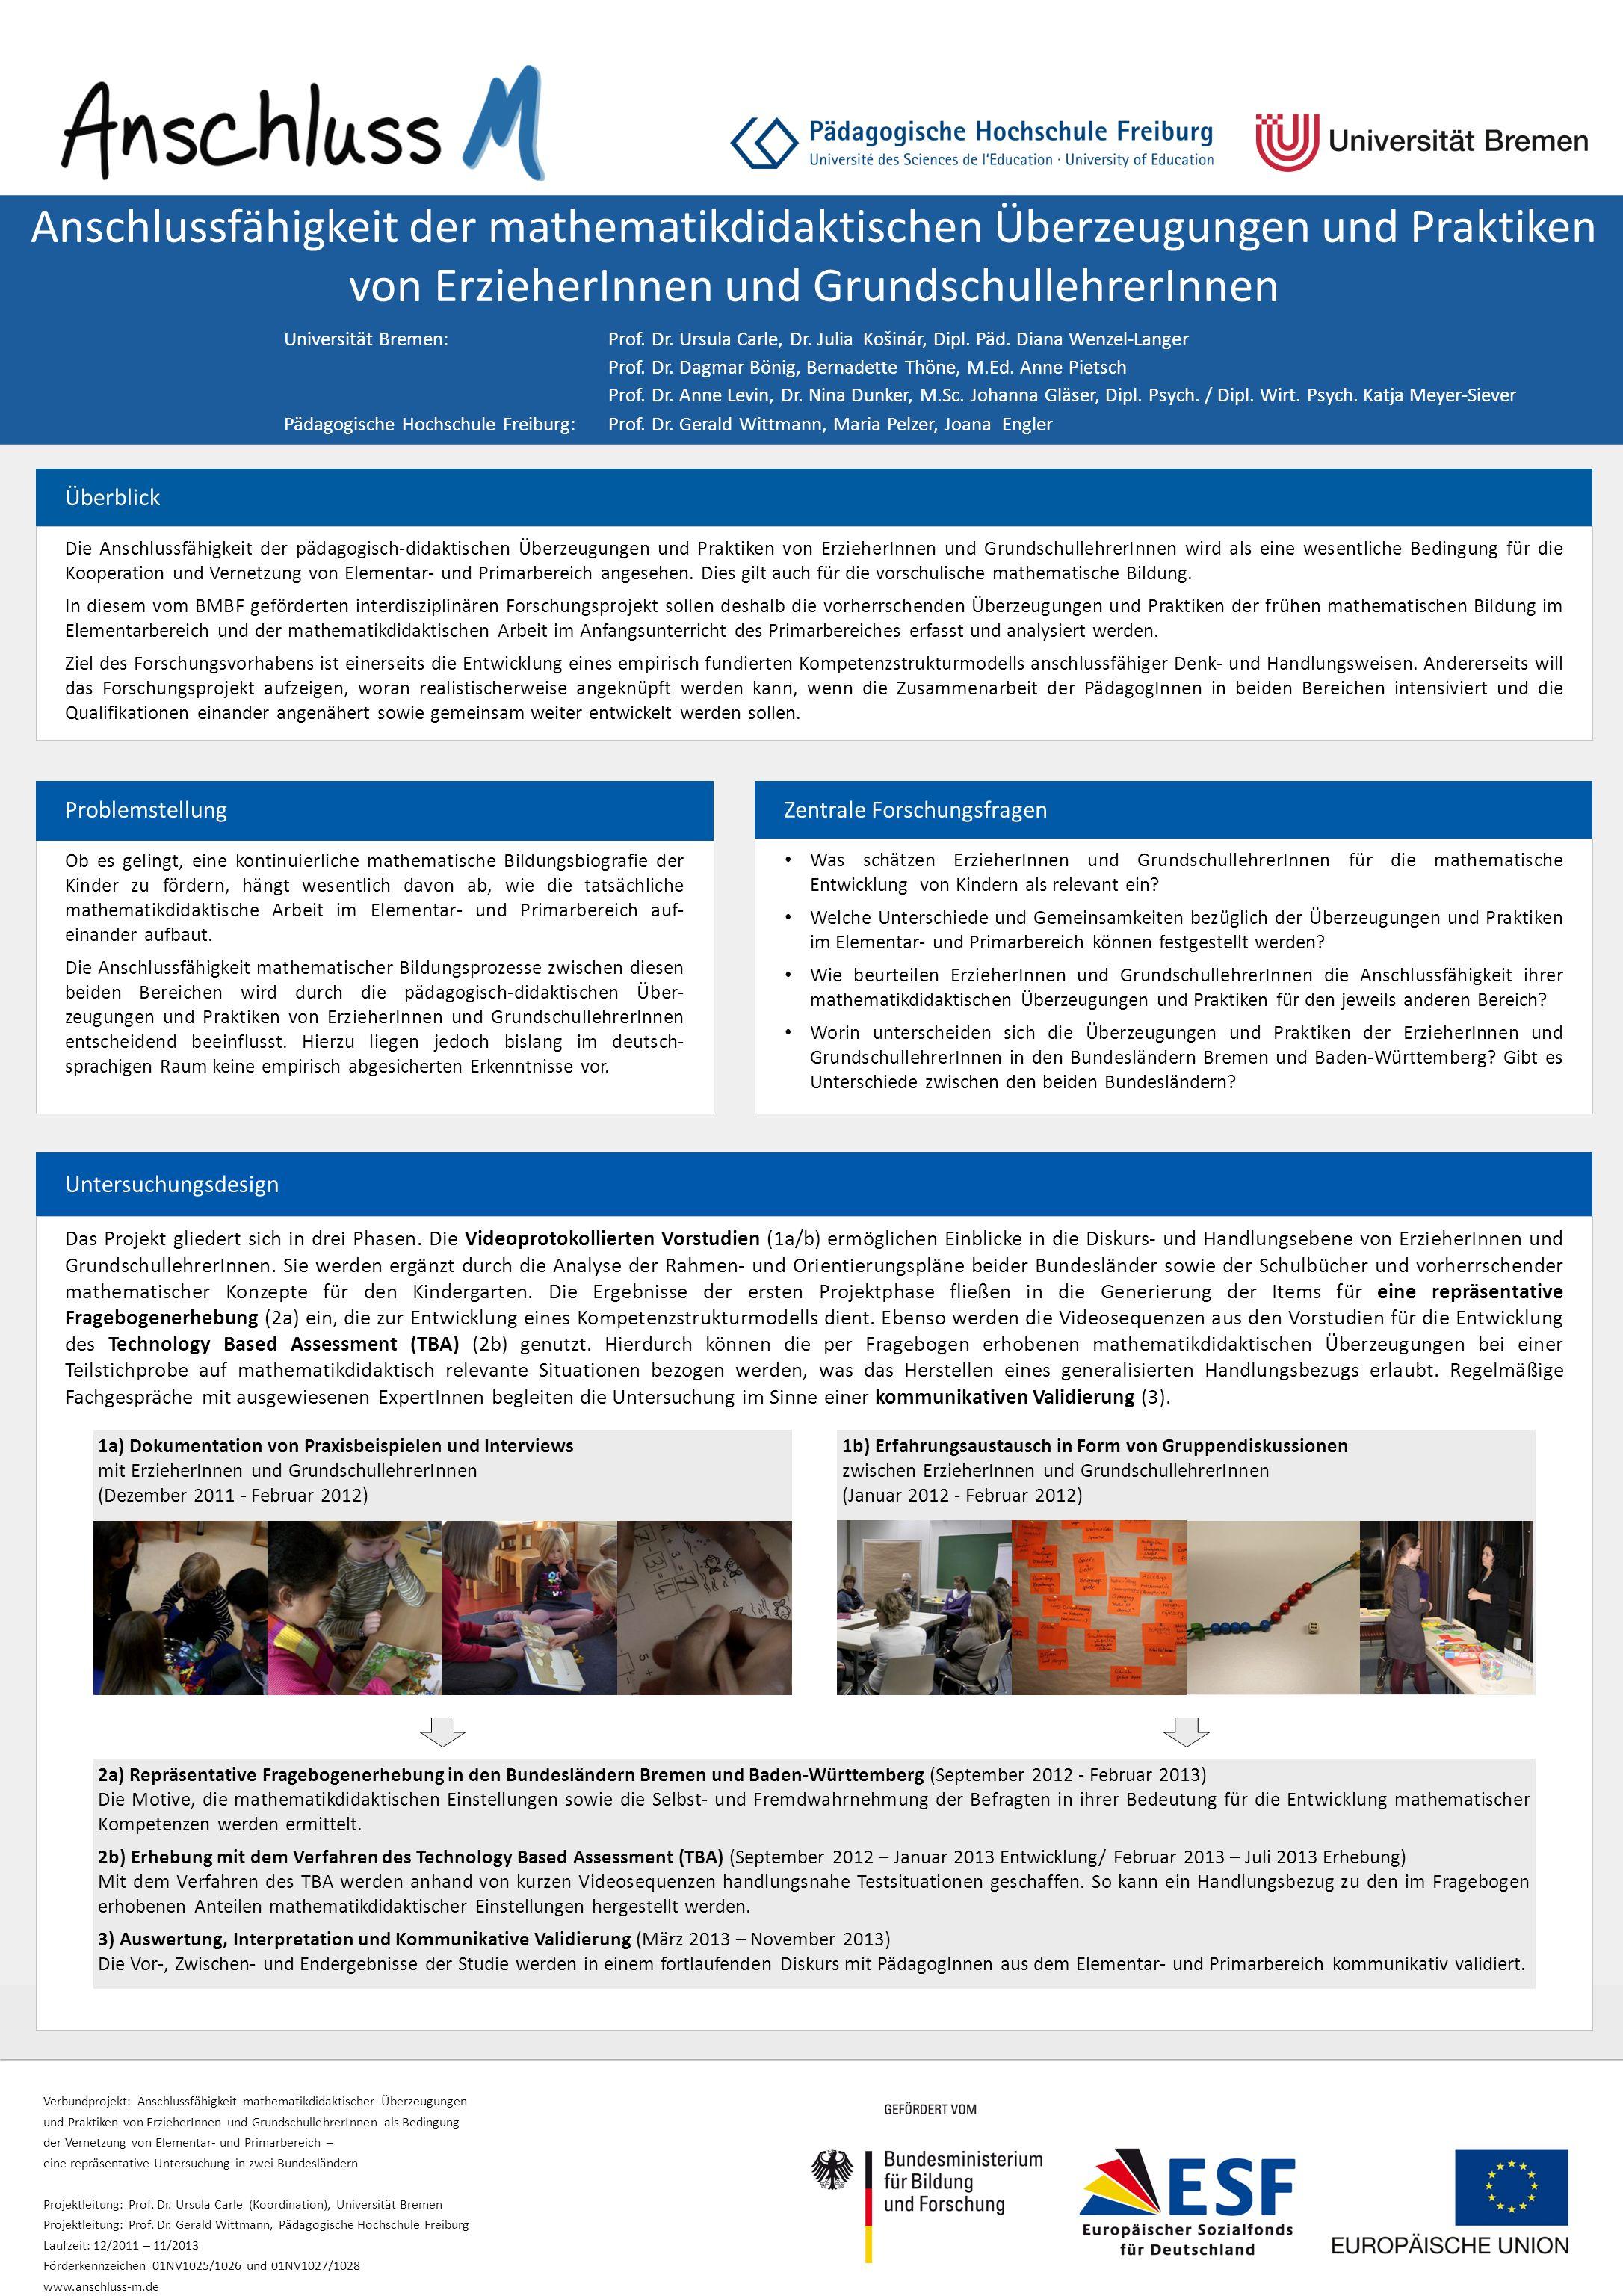 Verbundprojekt: Anschlussfähigkeit mathematikdidaktischer Überzeugungen und Praktiken von ErzieherInnen und GrundschullehrerInnen als Bedingung der Ve